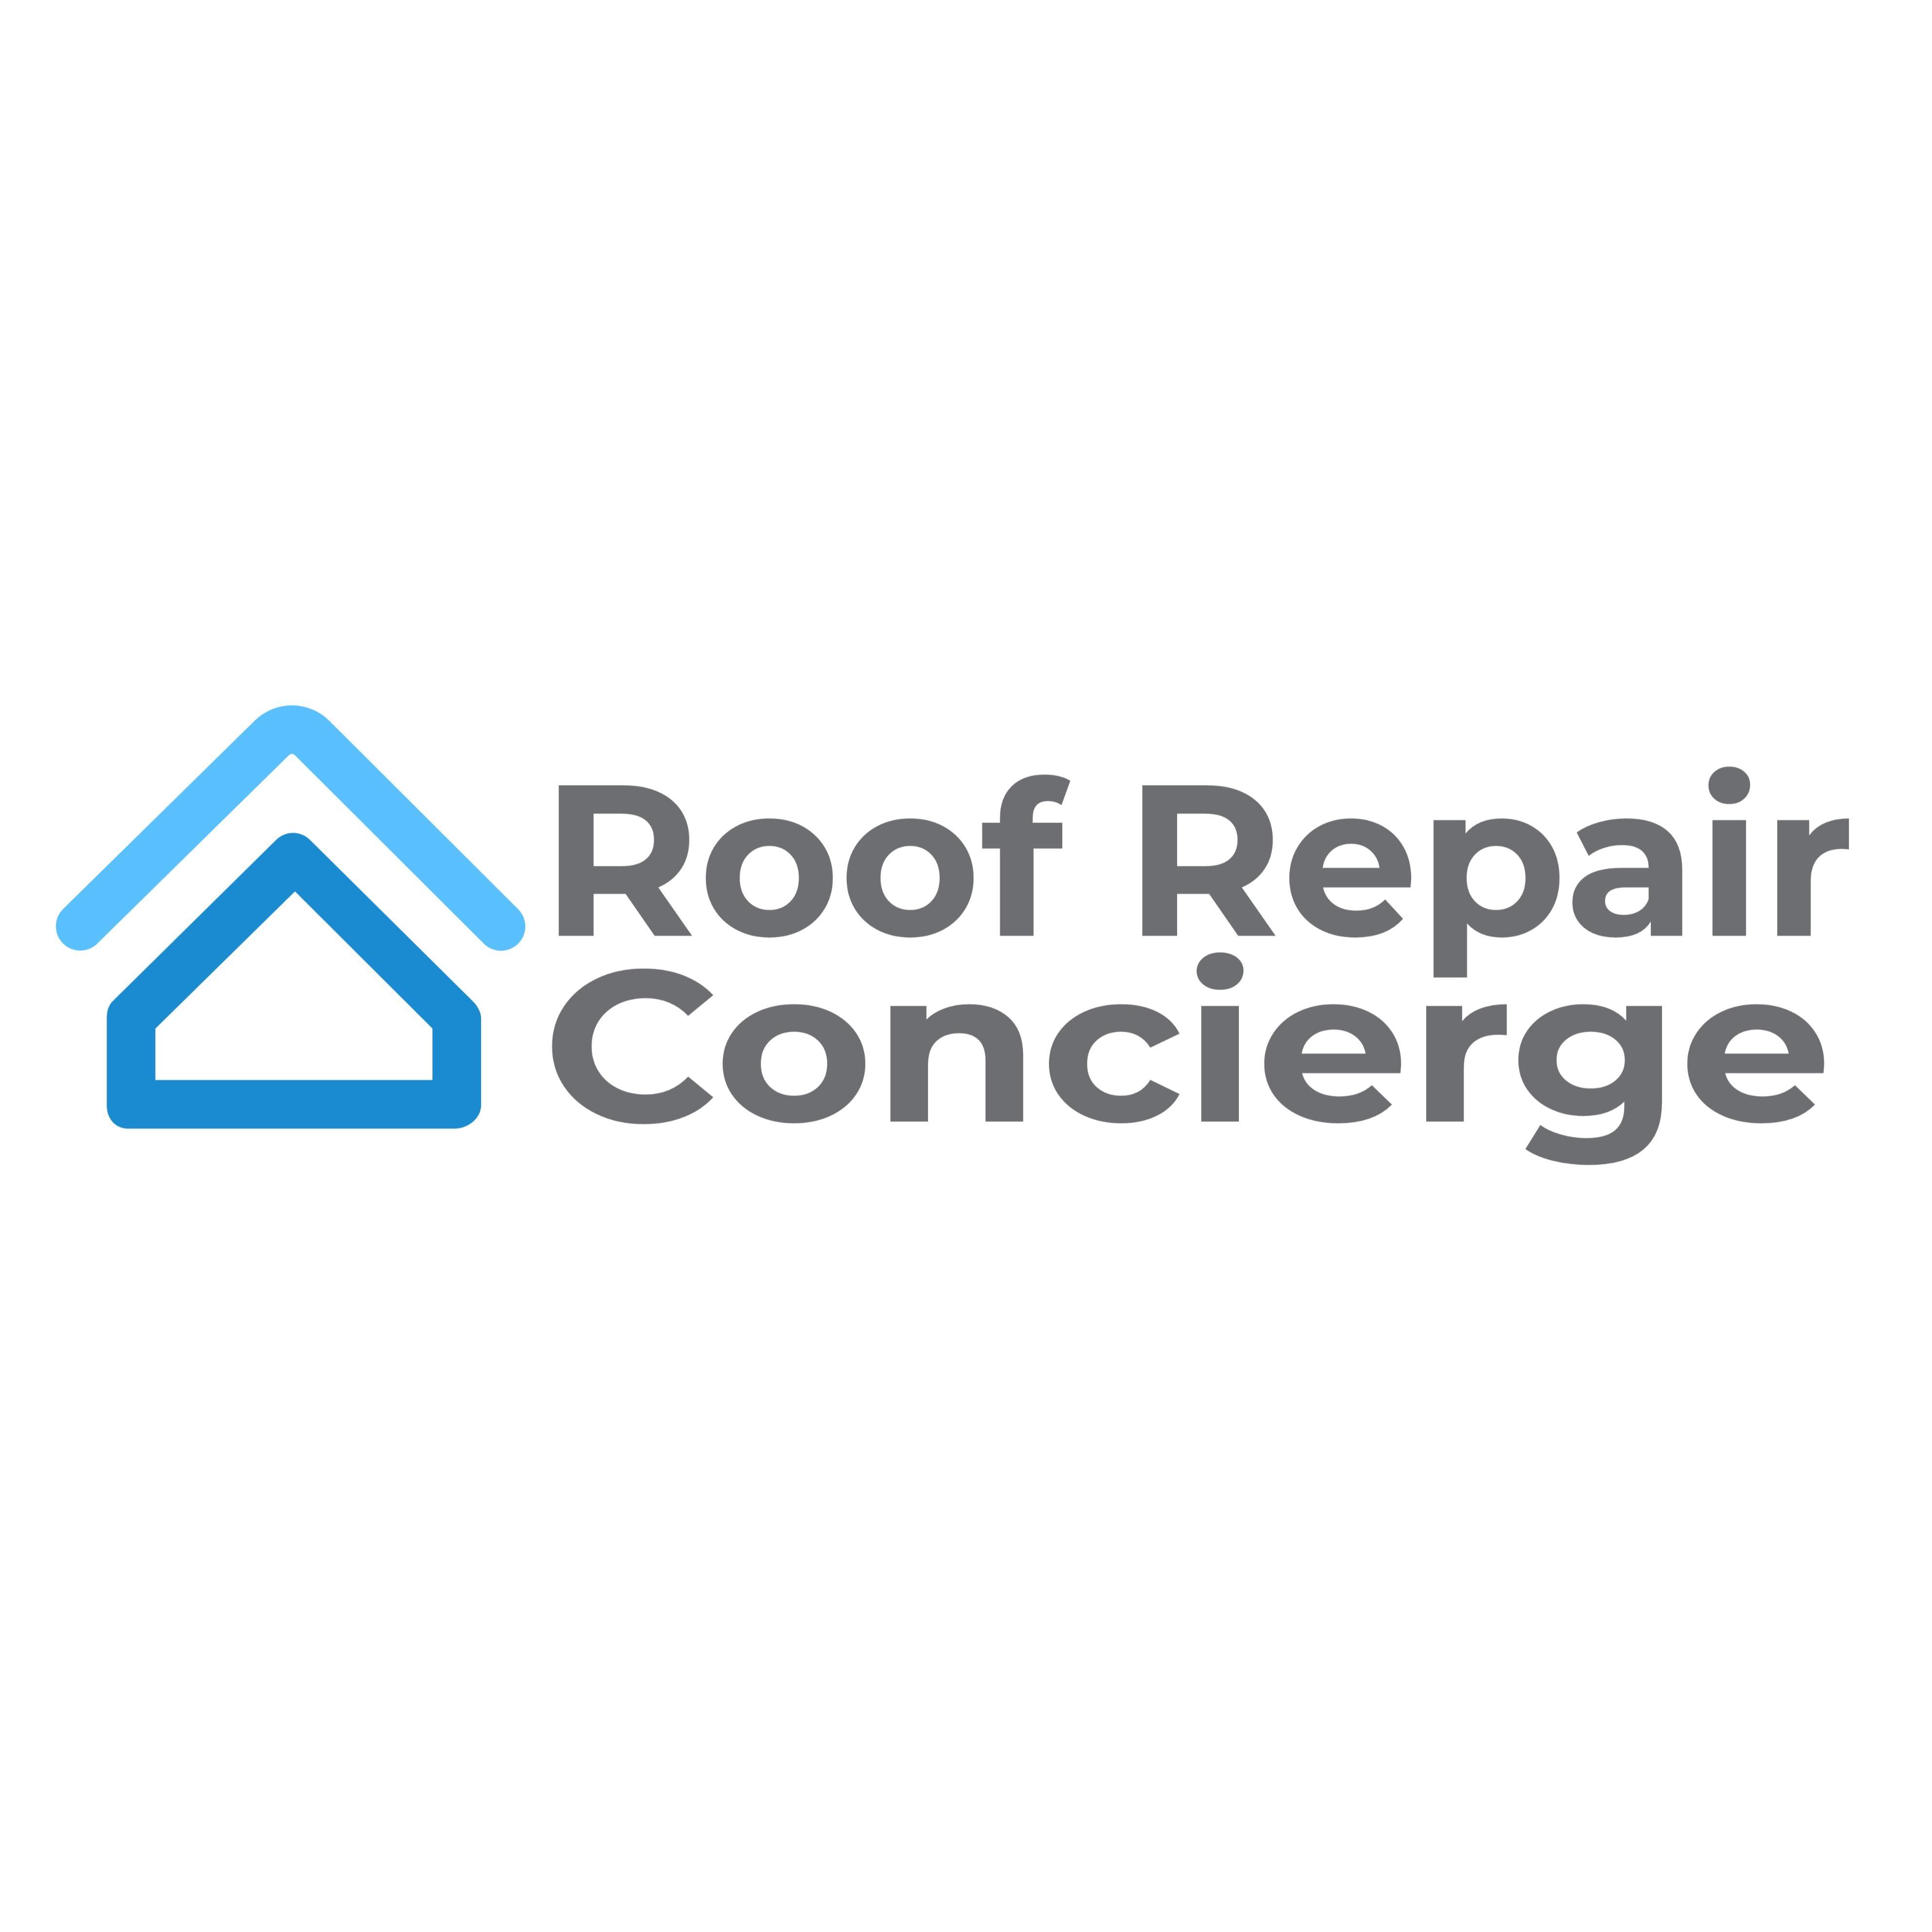 Roof Repair Concierge - Orlando, FL 32826 - (407)415-5030   ShowMeLocal.com